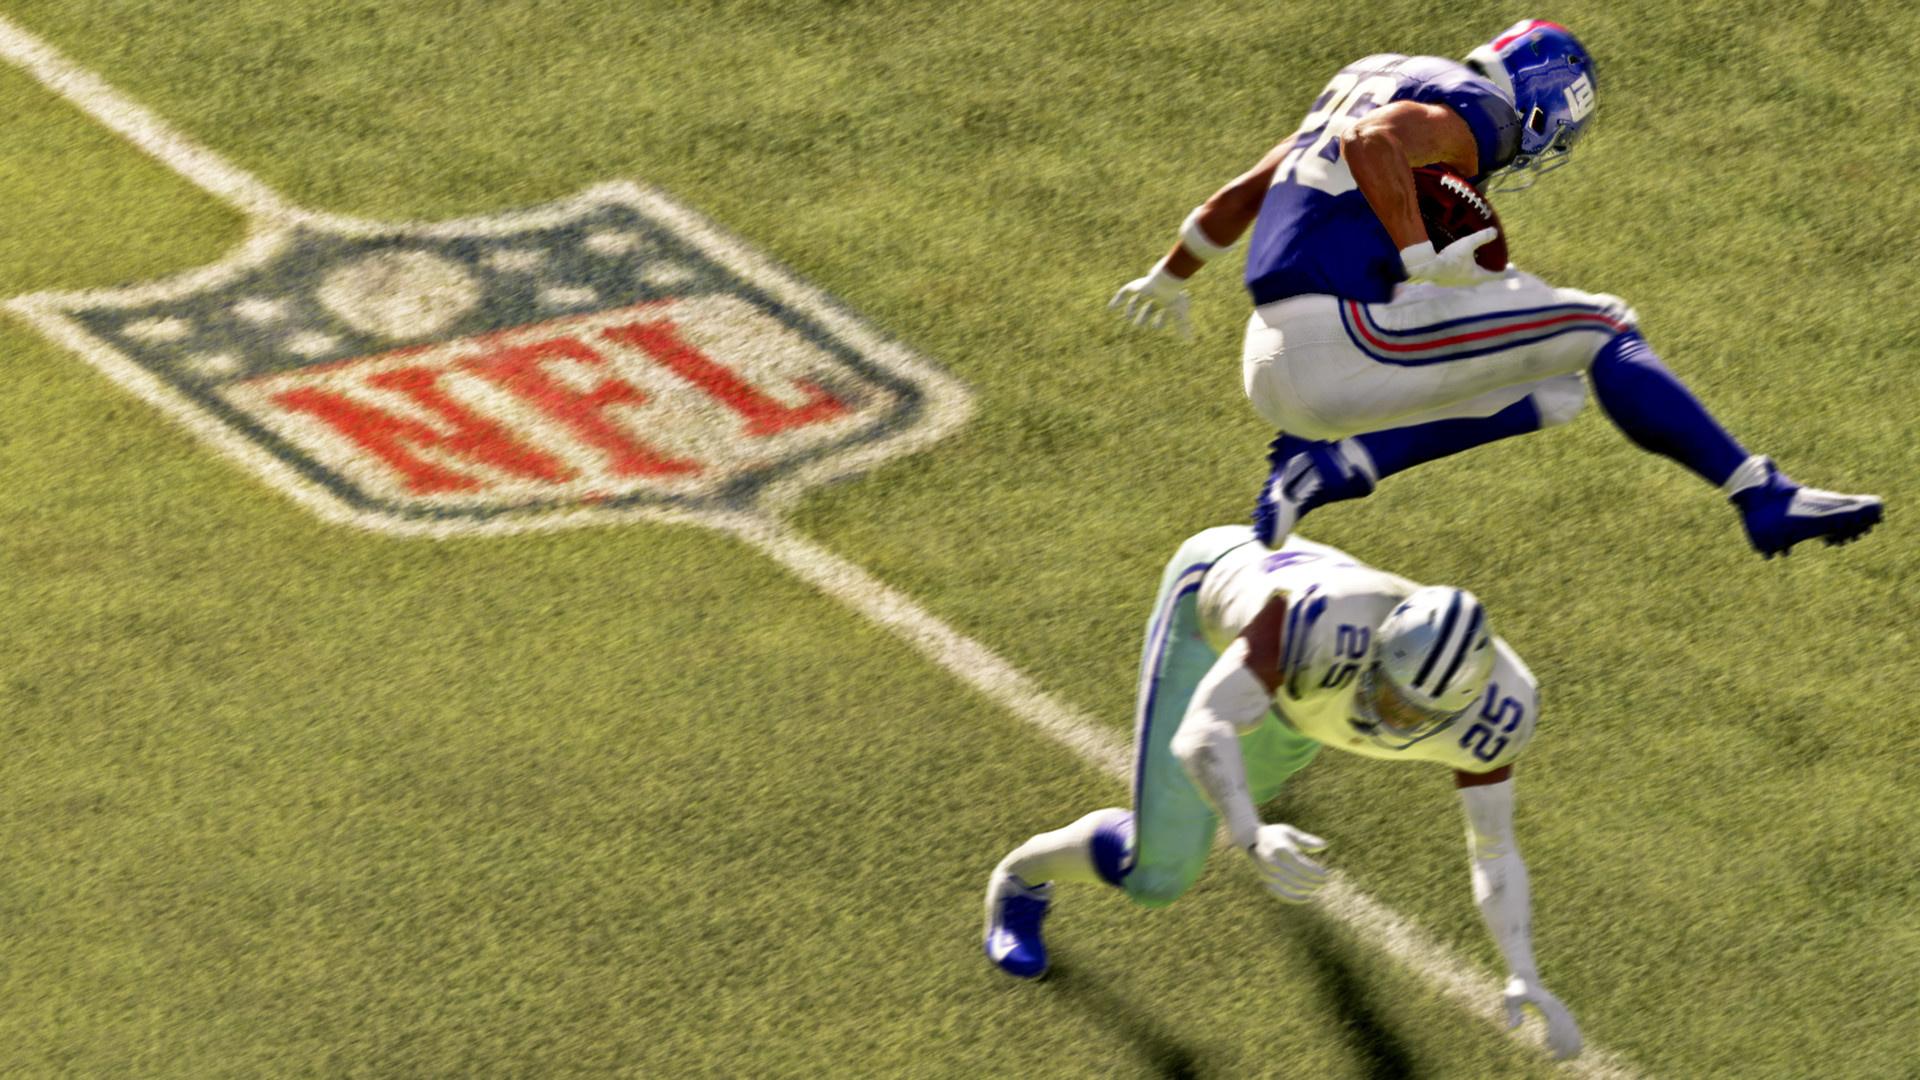 Базовое издание Madden NFL21 на PS4 обойдётся в 4899 рублей. Очередное повышение цен?